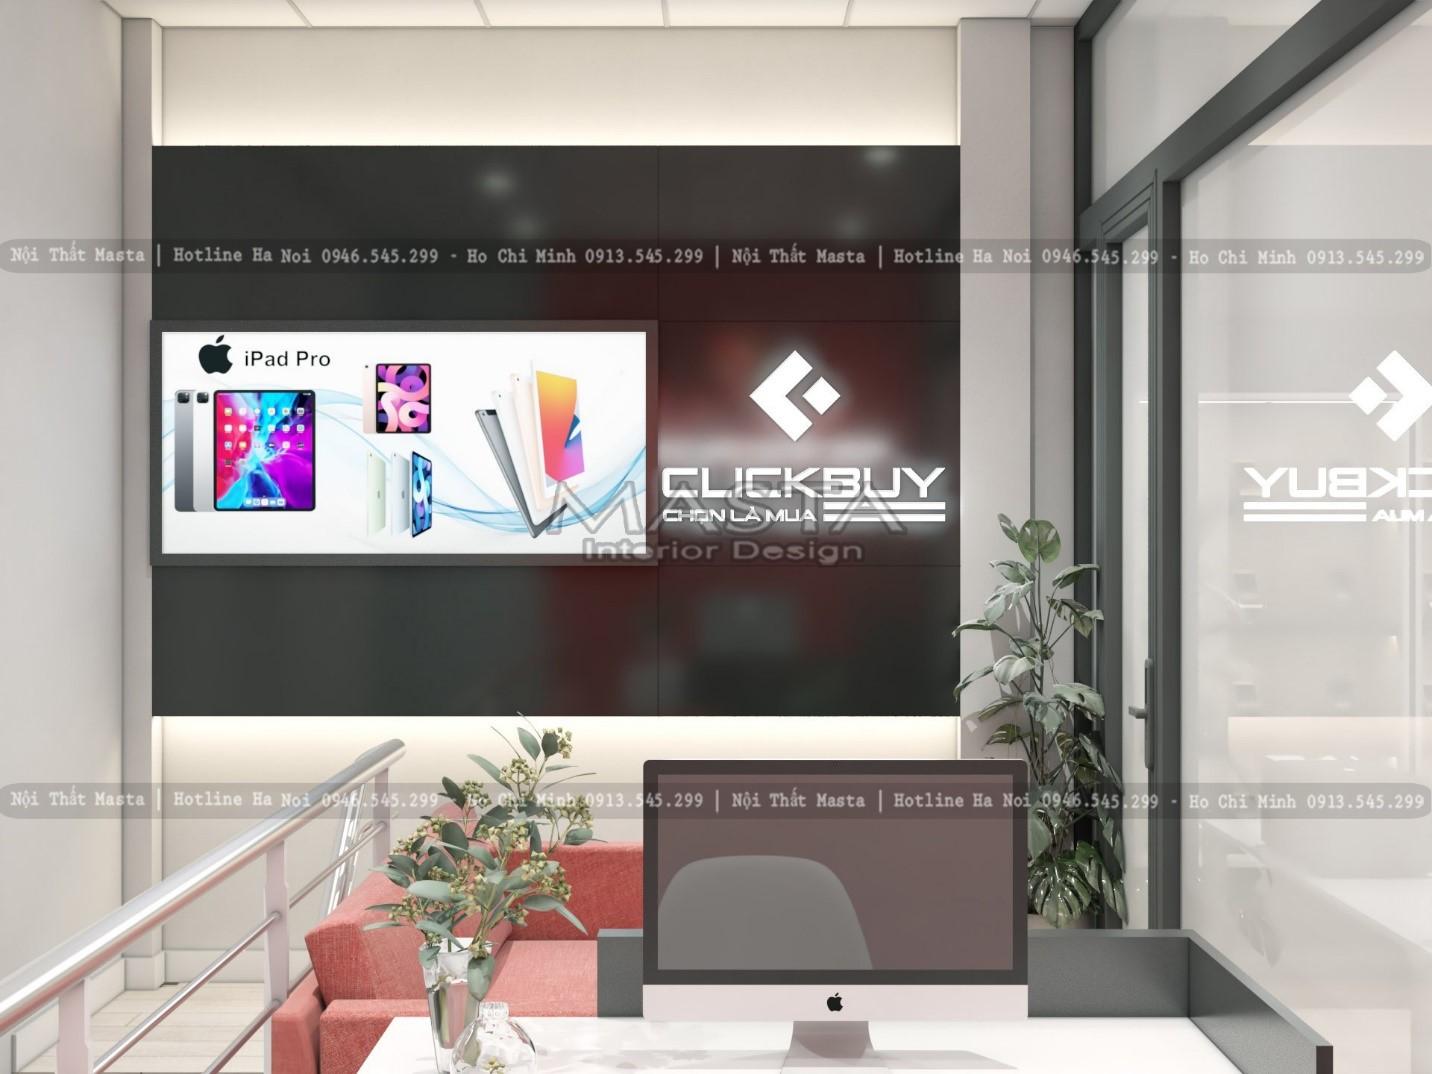 Hình ảnh thương hiệu thể hiện nhất quán trong thiết kế cửa hàng điện thoại CLICK BUY